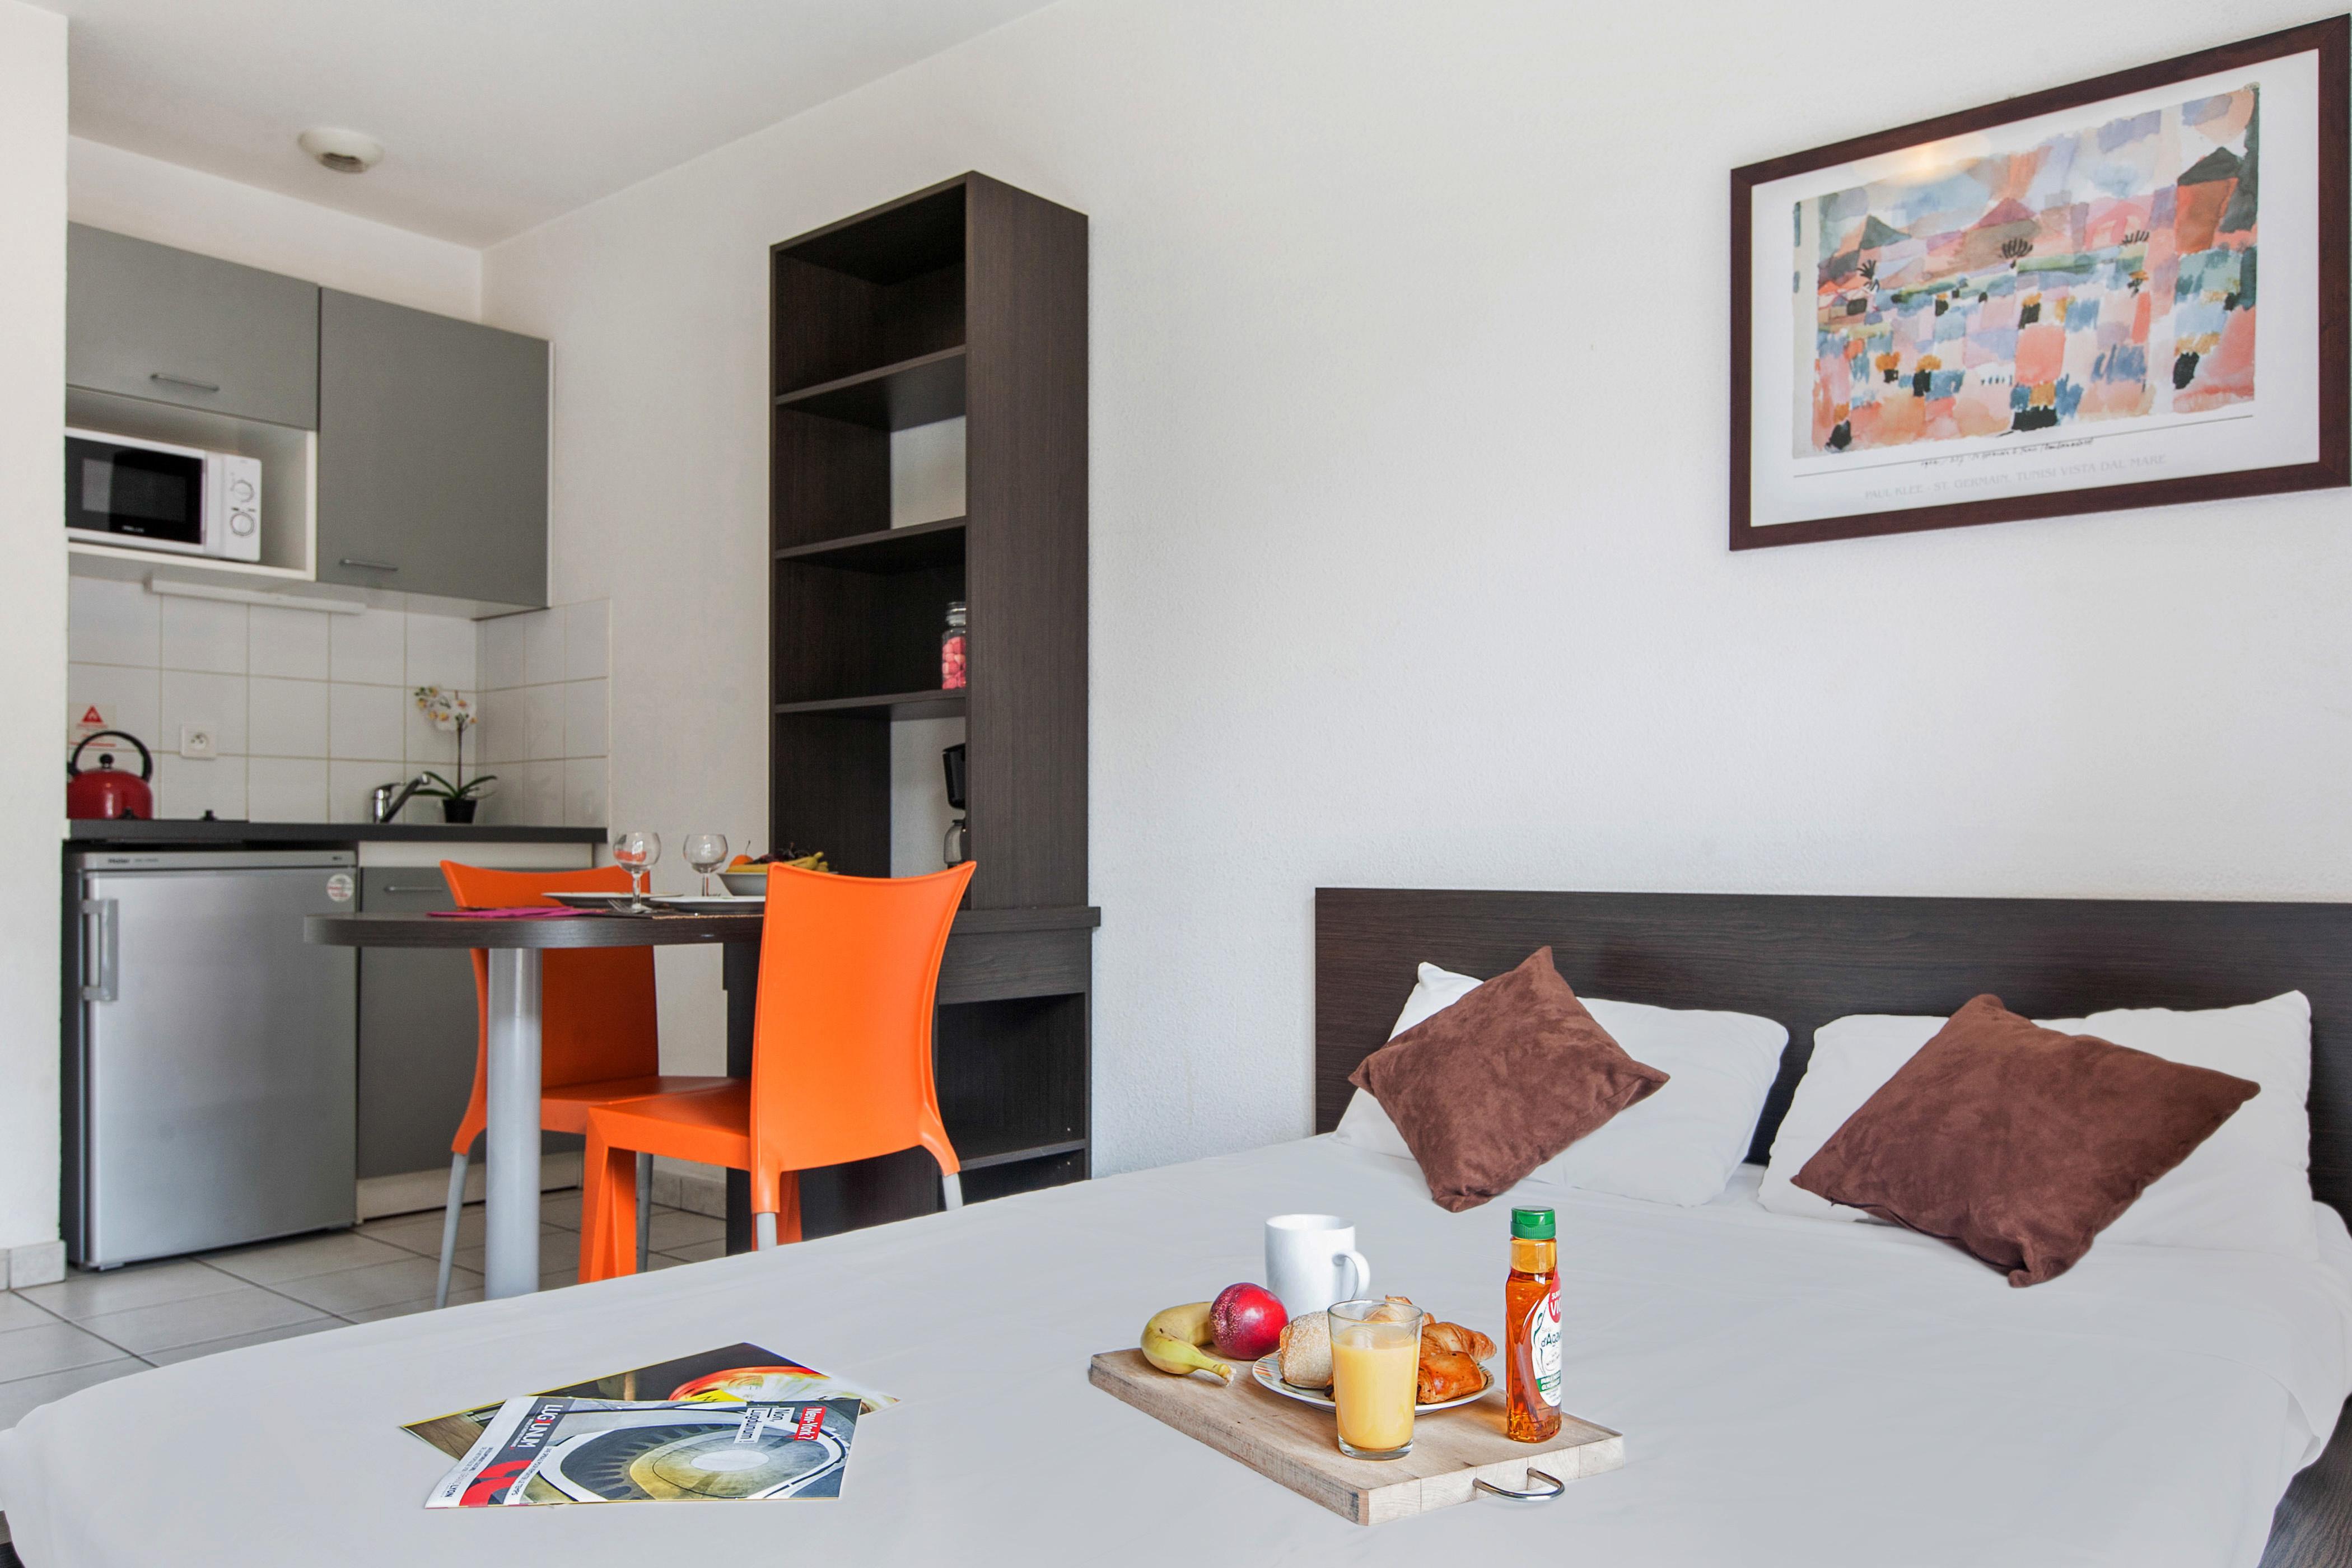 Location APPARTCITY - APPARTCITY LYON VAISE ST CYR - Lyon 9ème arrondissement (69009)